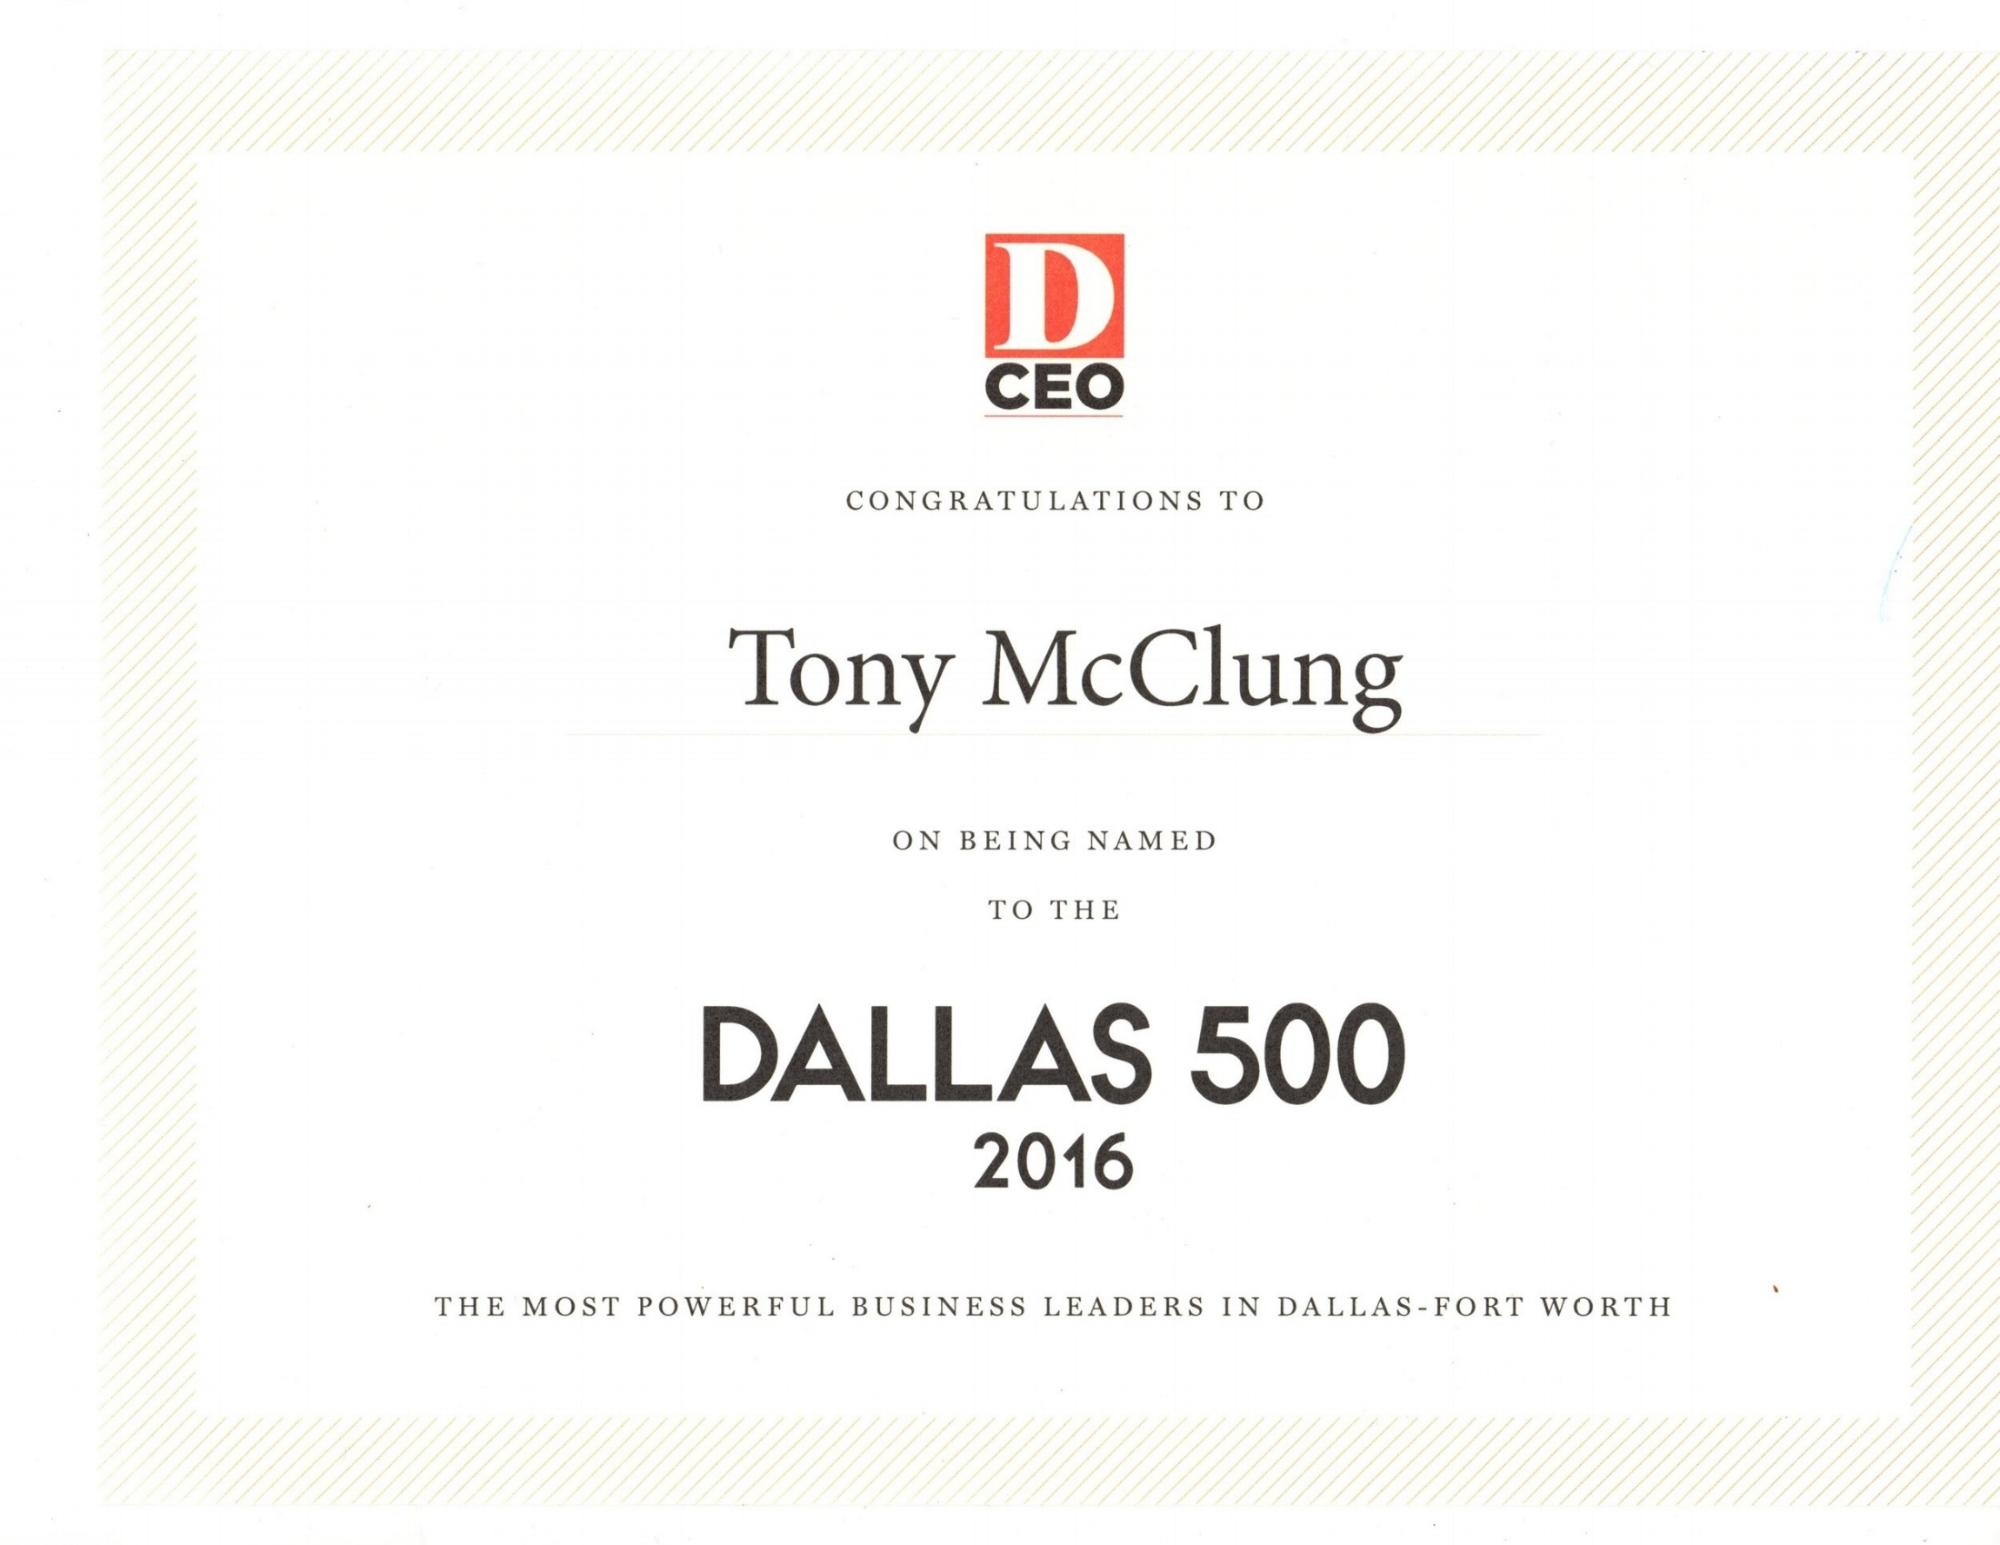 Dallas 500